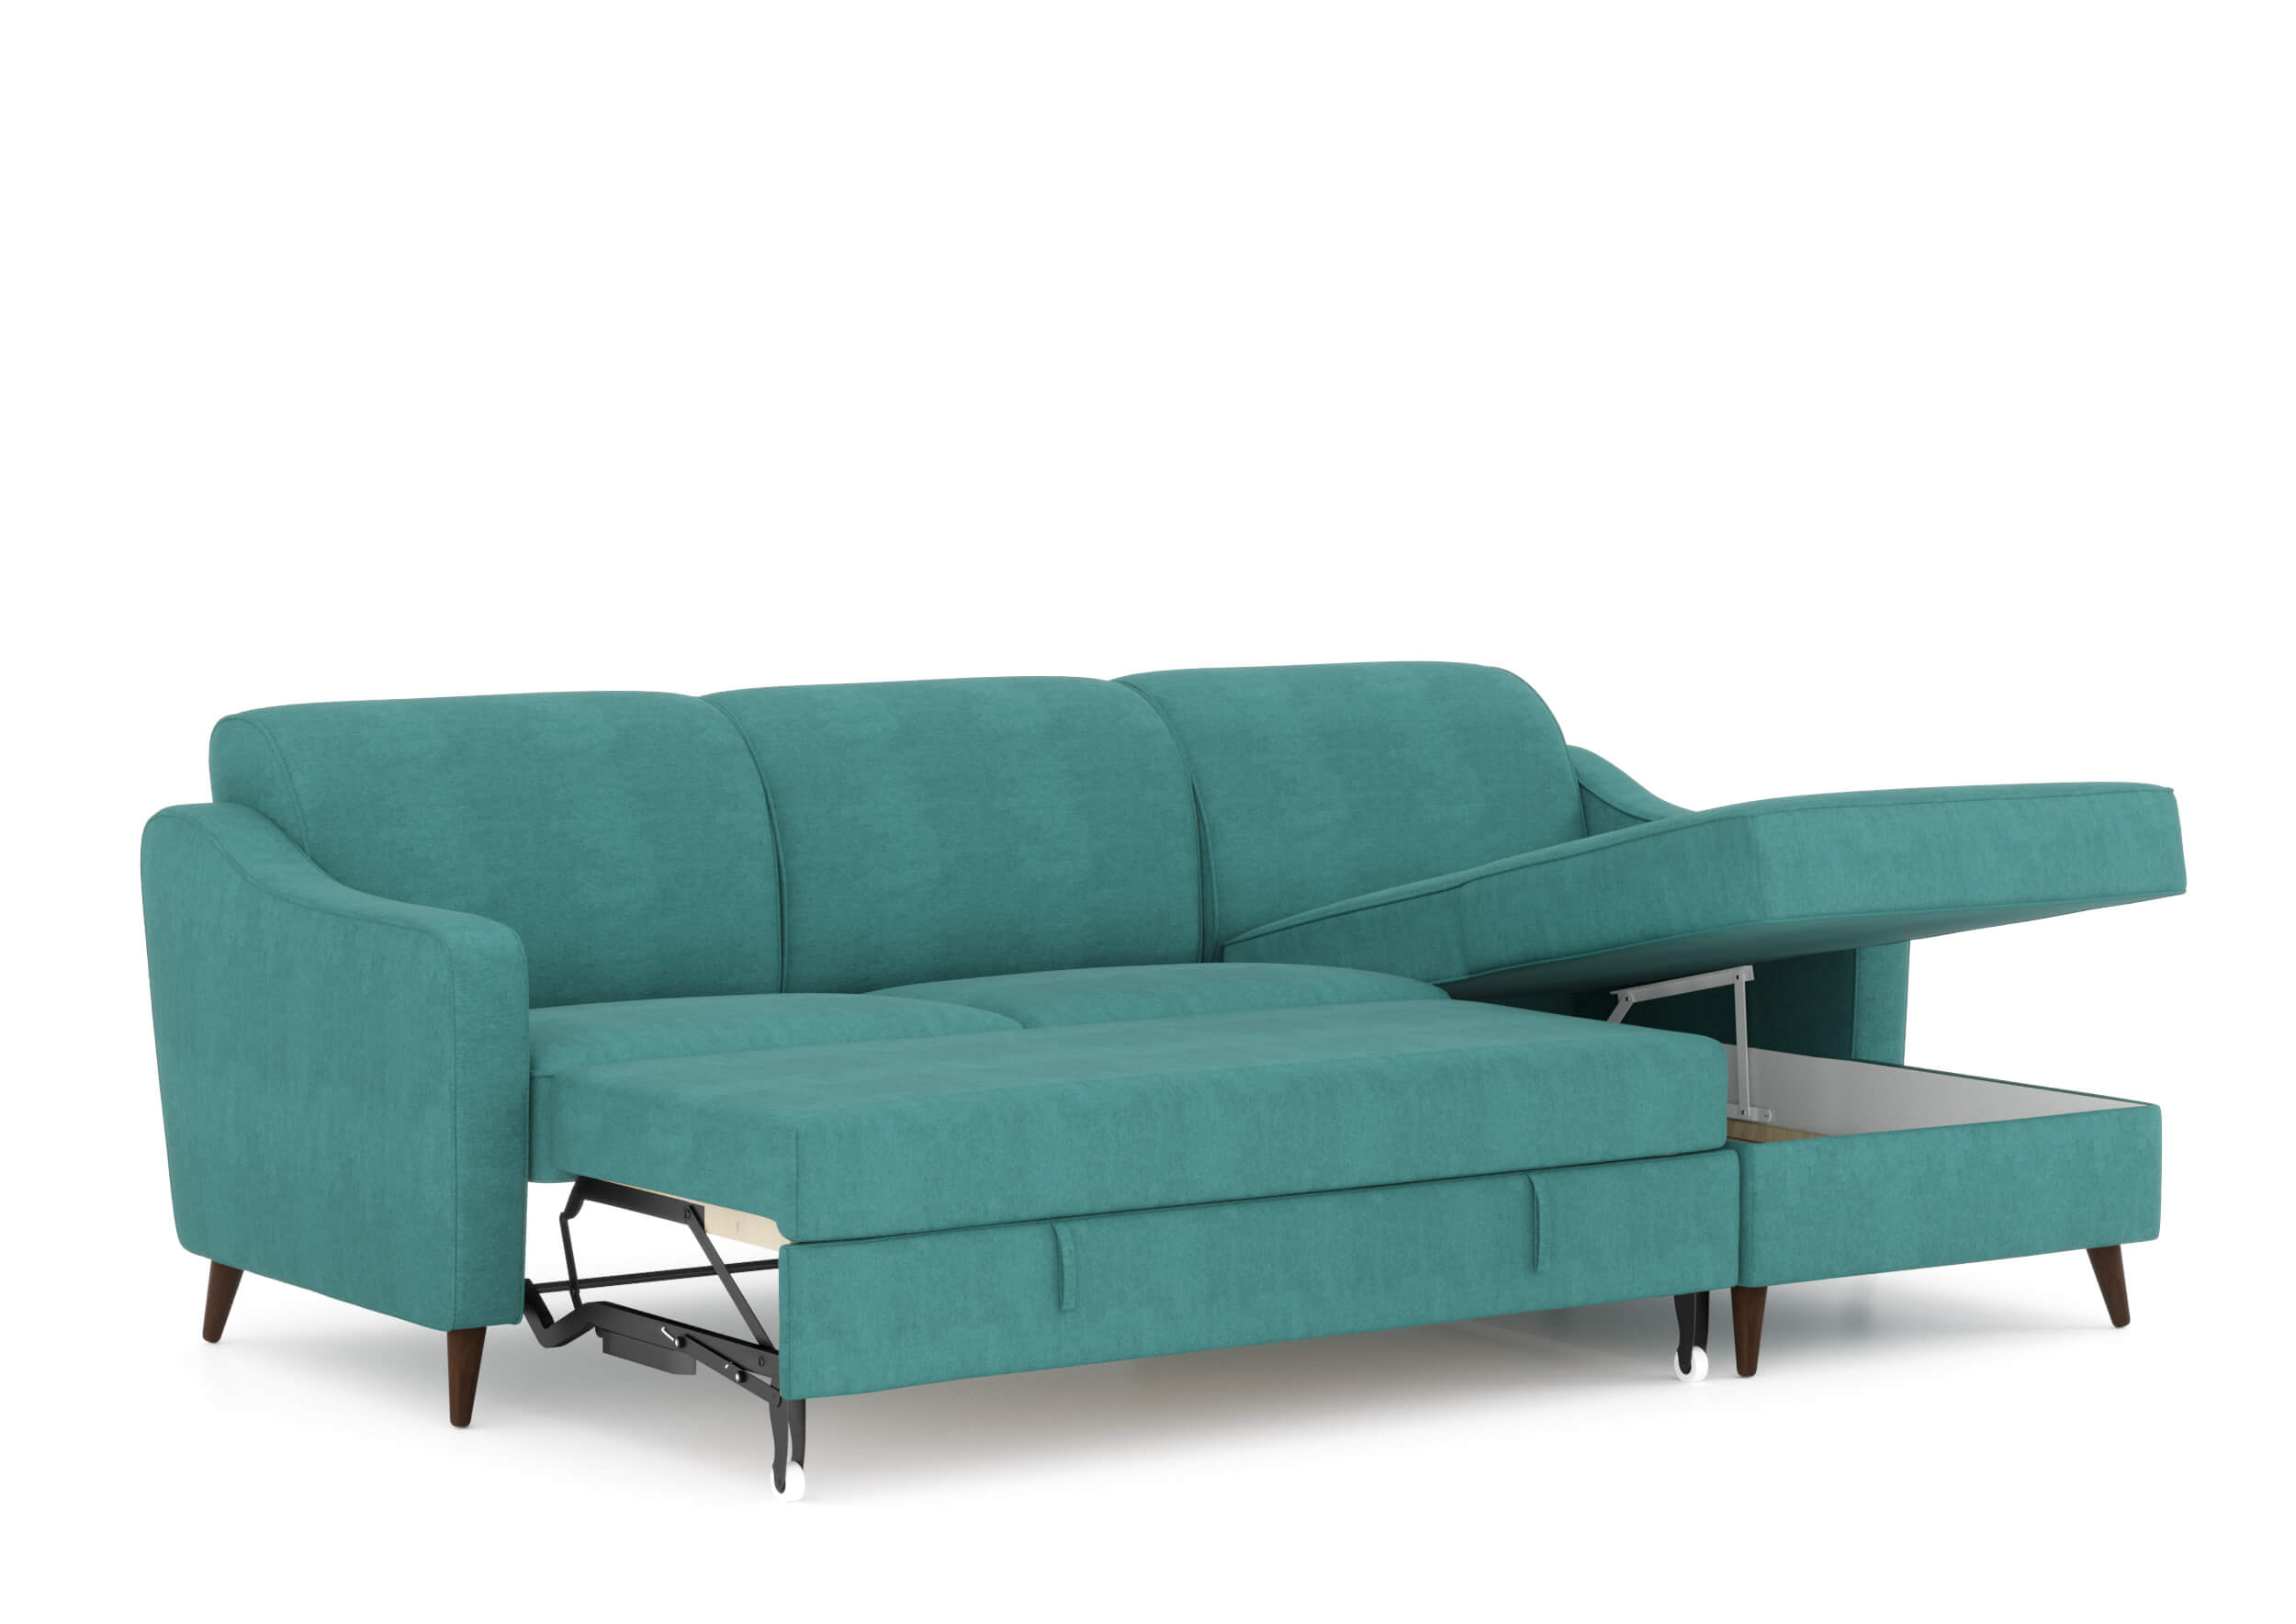 8 שמרת הזורע: ספה פינתית נפתחת למיטה דגם זולה